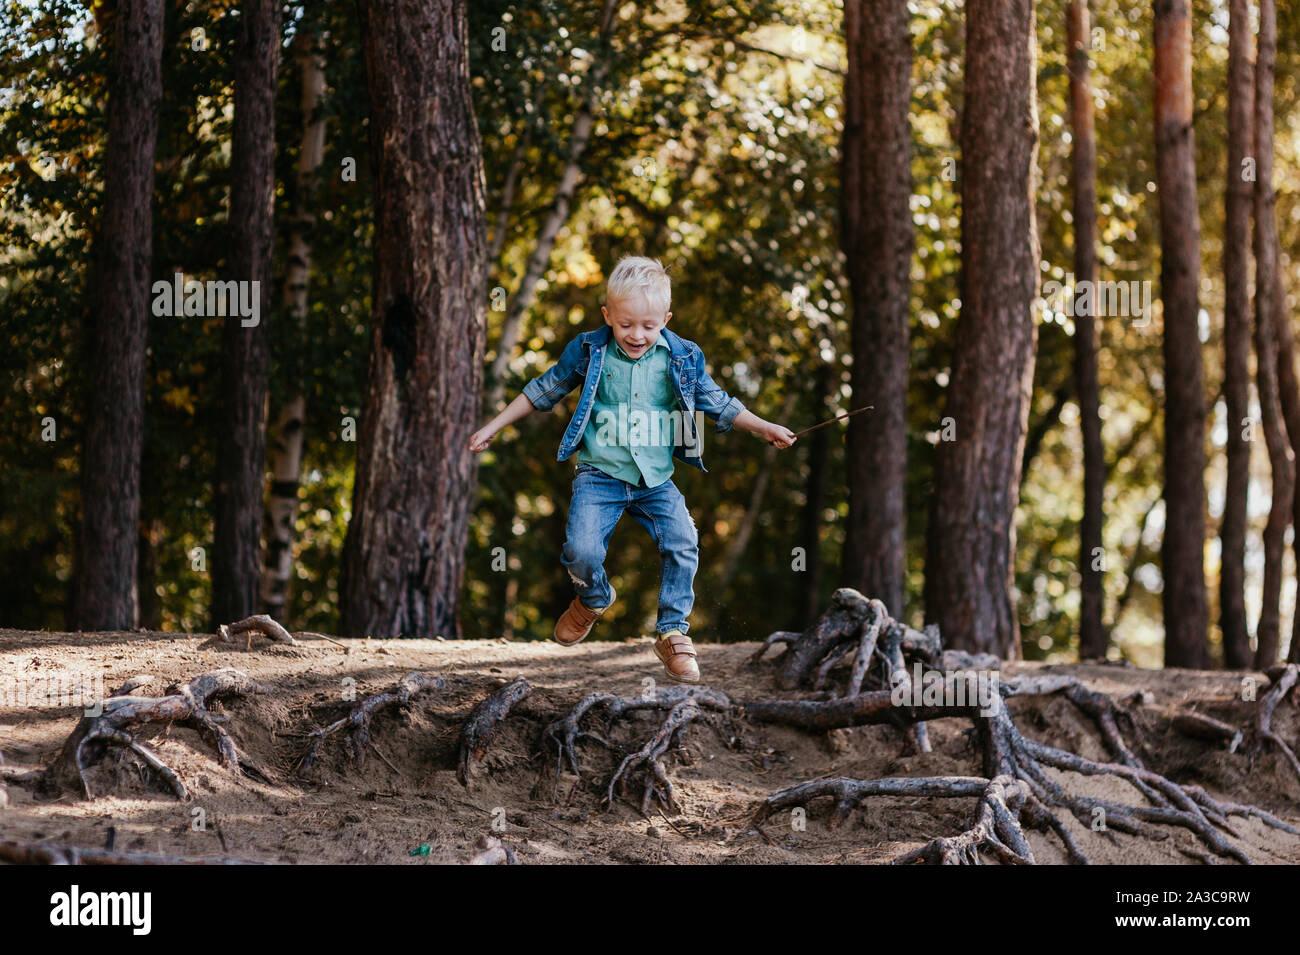 Ritratto emotivo di una felice e allegro ragazzino, acceso dopo un amico ridere mentre si gioca su una passeggiata nel parco. Infanzia felice. Durante l'estate. La vacanza estiva. Emozioni positive e di energia. Foto Stock